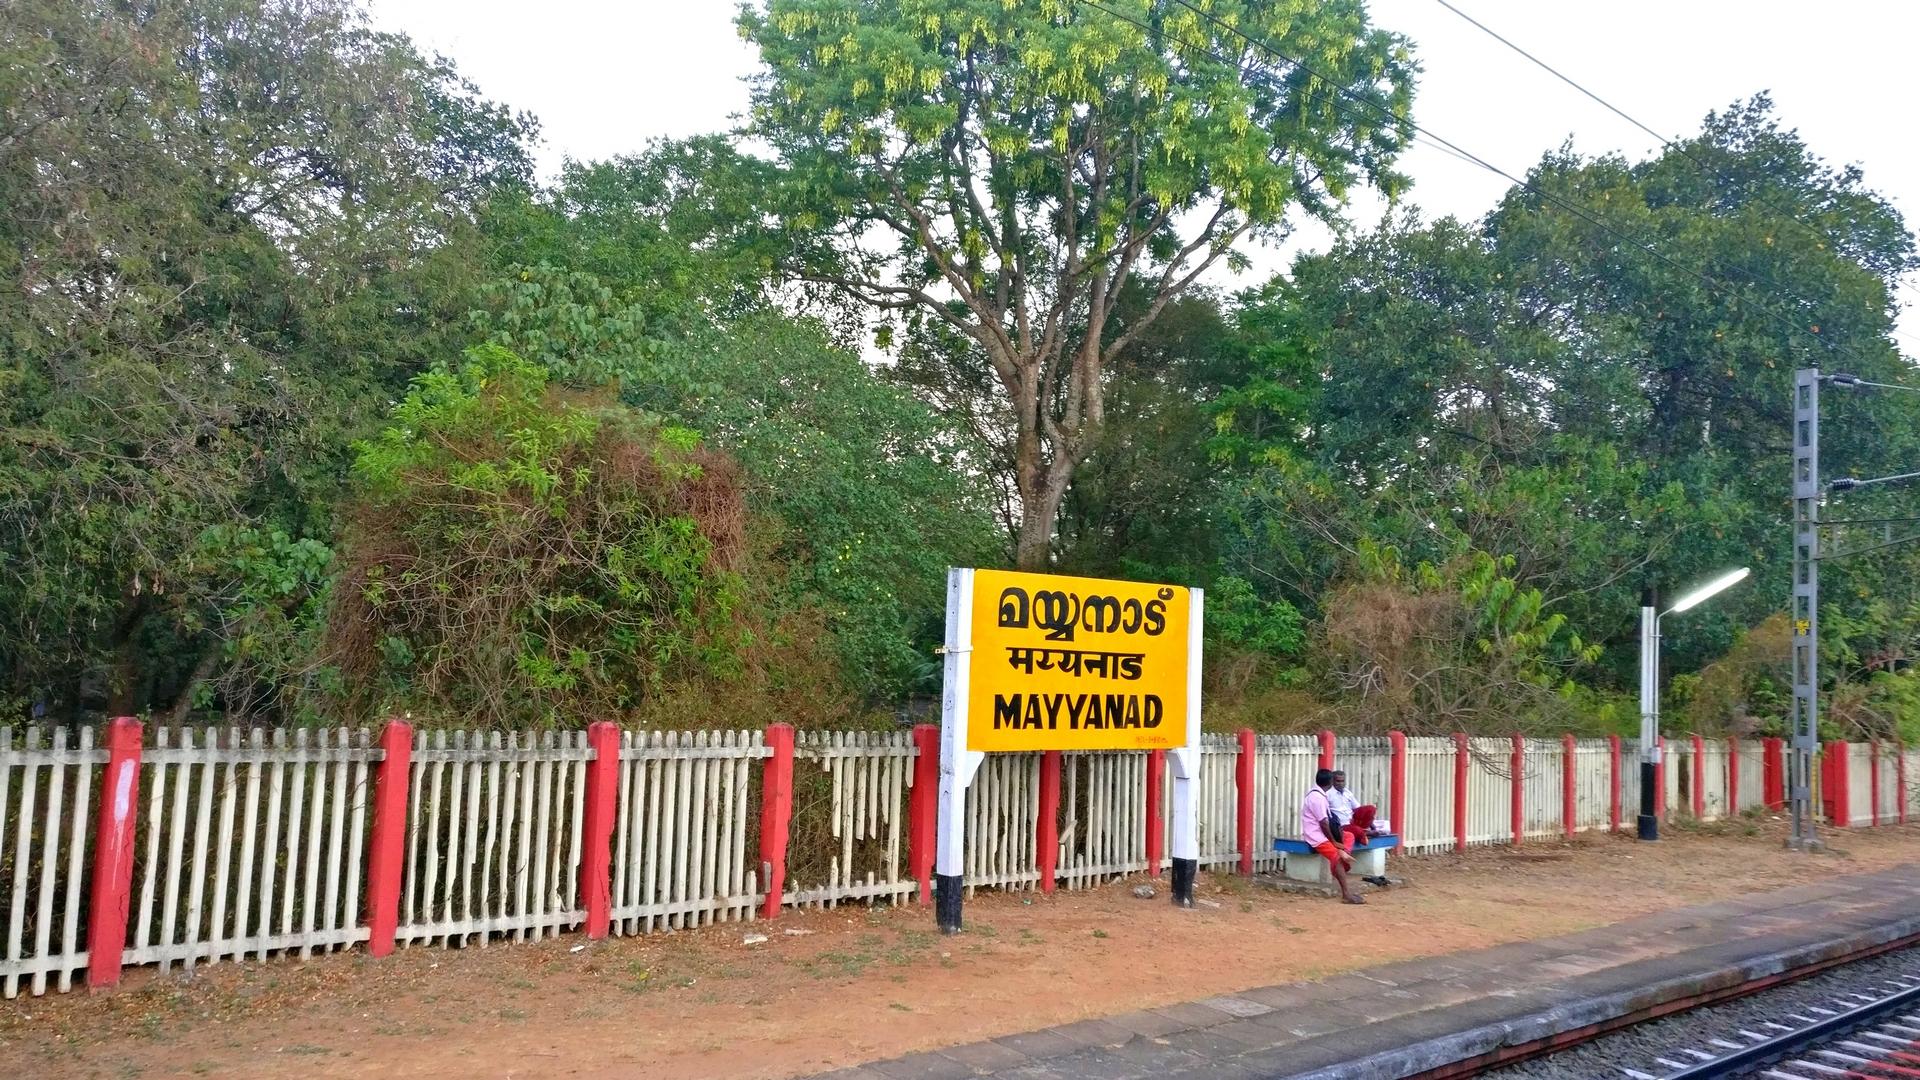 Mayyanad in Kollam